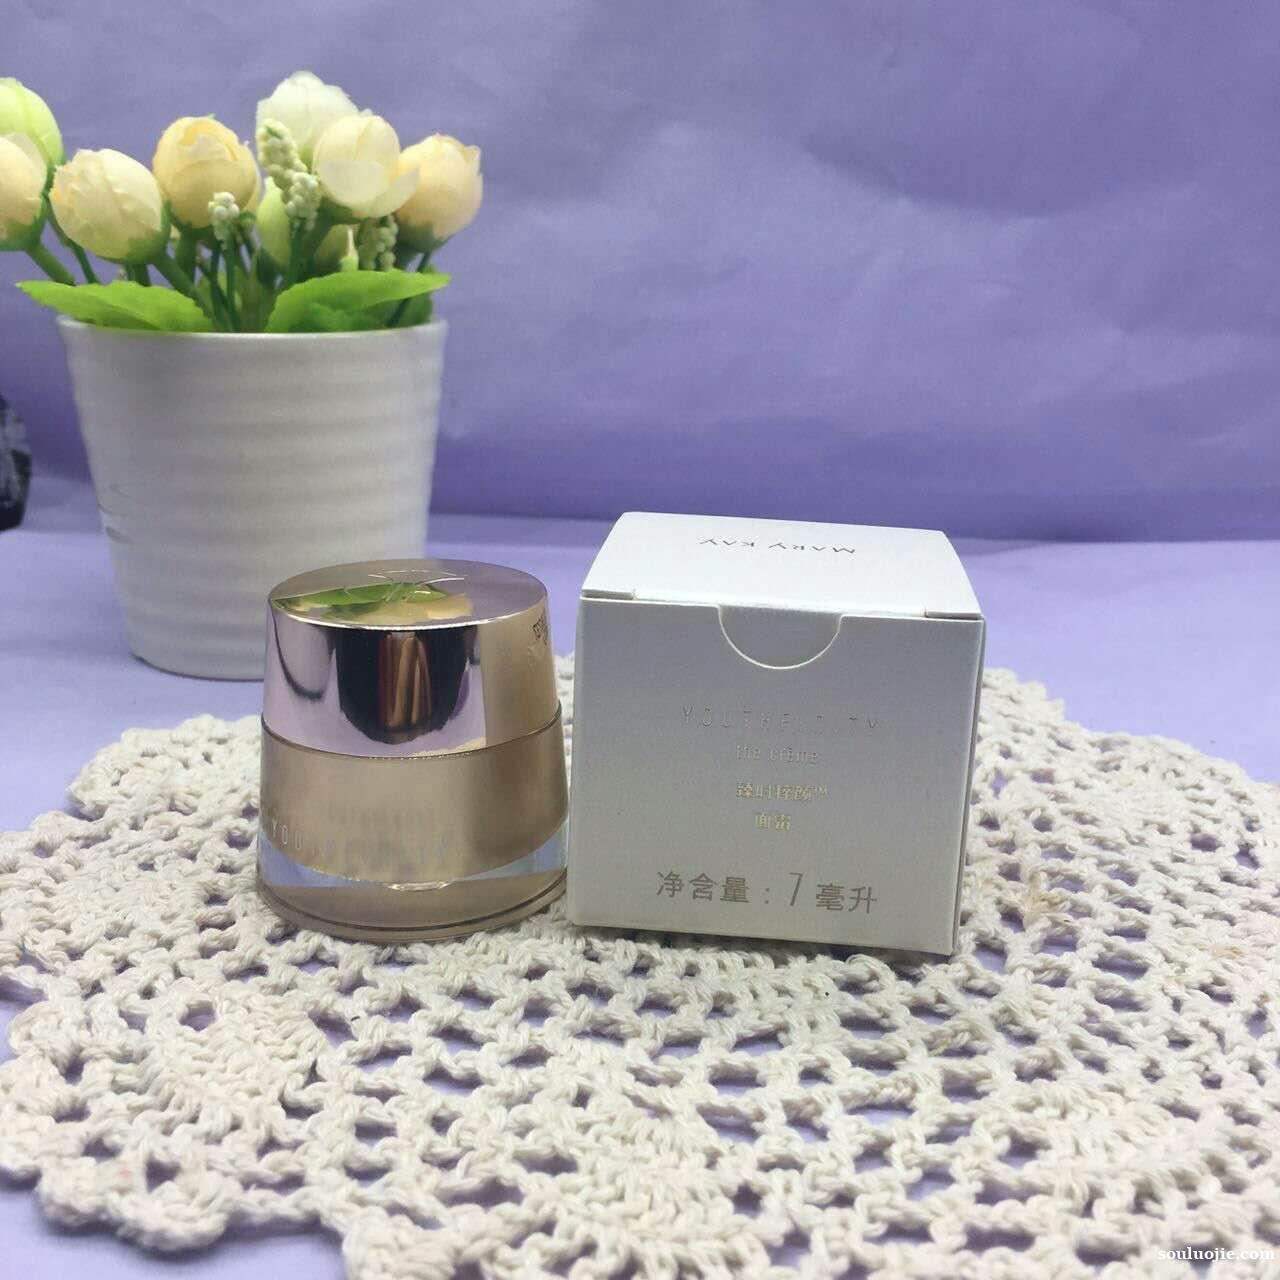 白城市及全国上门收购玫琳凯化妆品诚挚回收玫琳凯